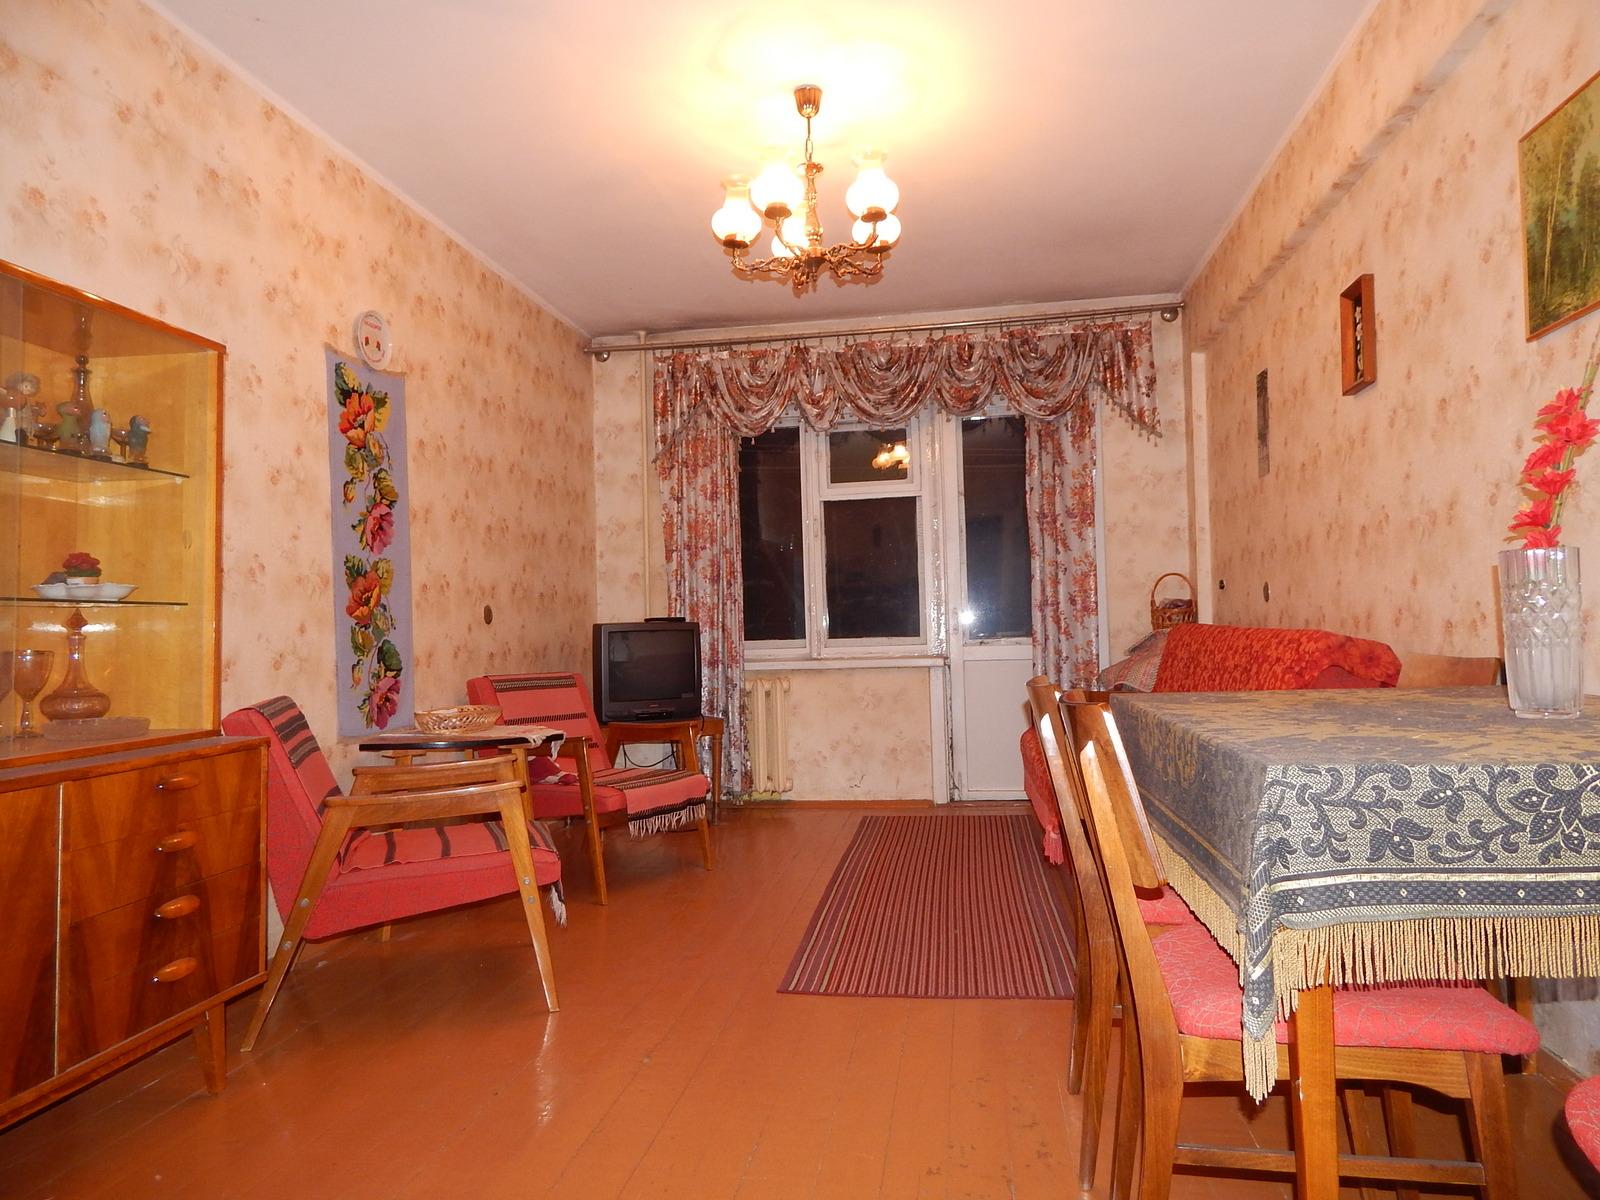 Продажа двухкомнатной квартиры, Минск, Одоевского ул., 35 - фото 2